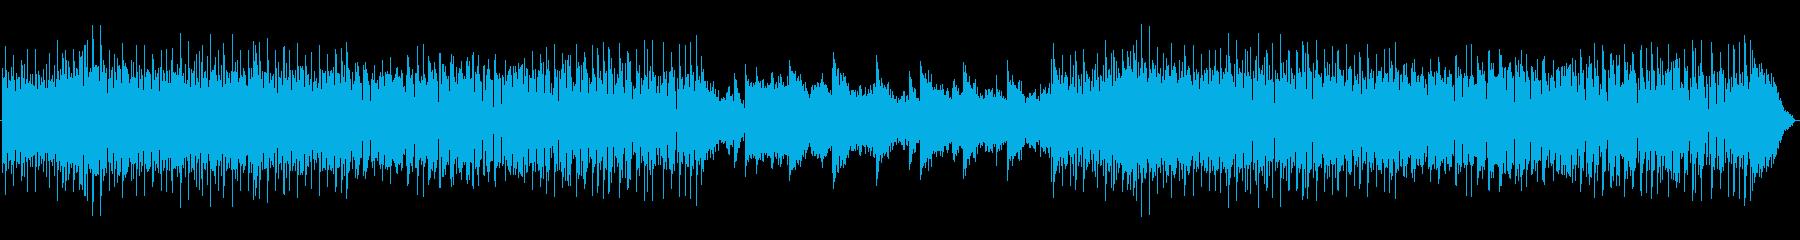 エレクトリックピアノ、ローパーカッ...の再生済みの波形